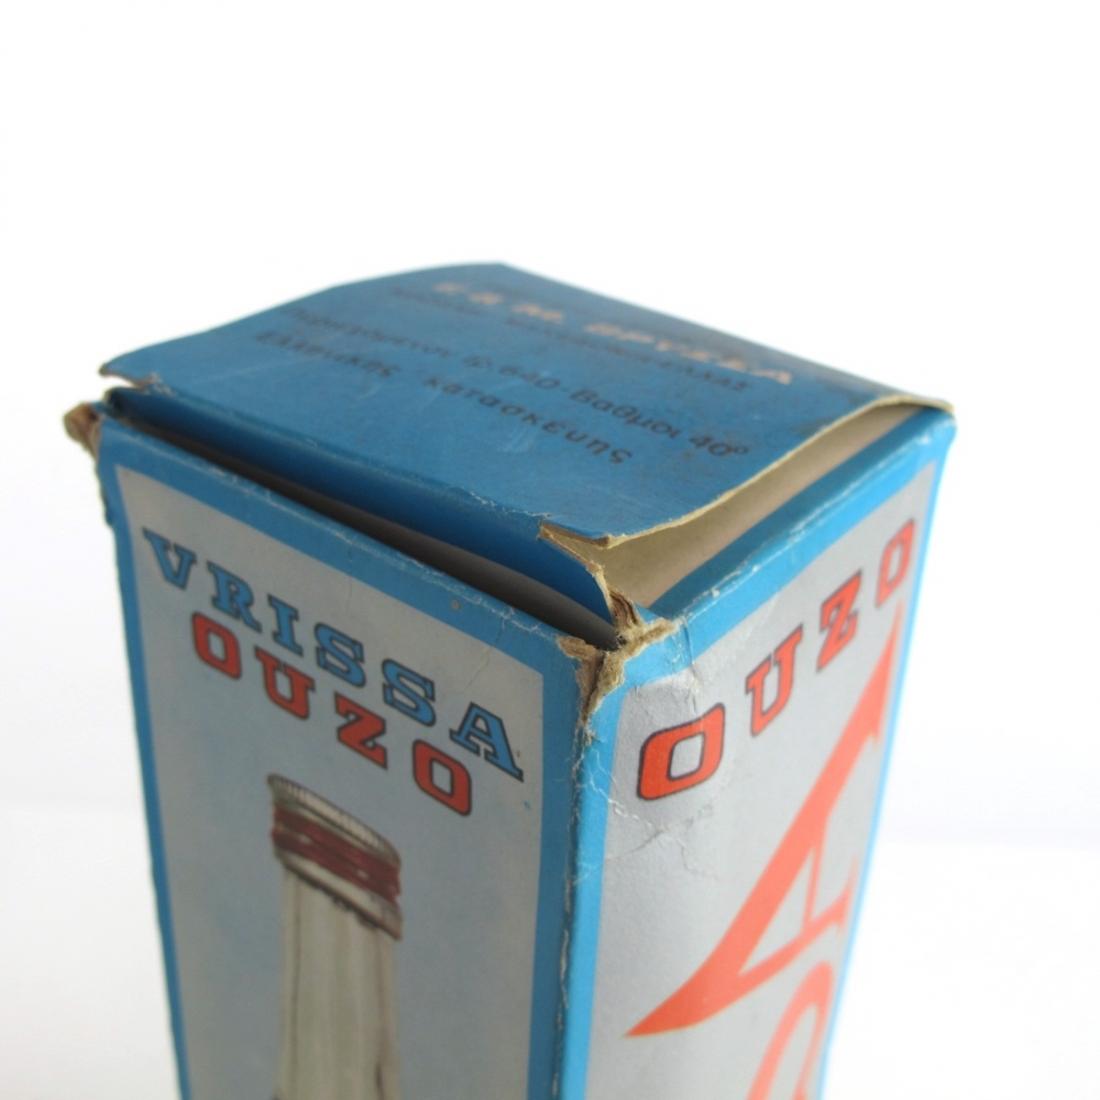 Ouzo Selection x 3 / Including Vrissa Ouzo 1970s